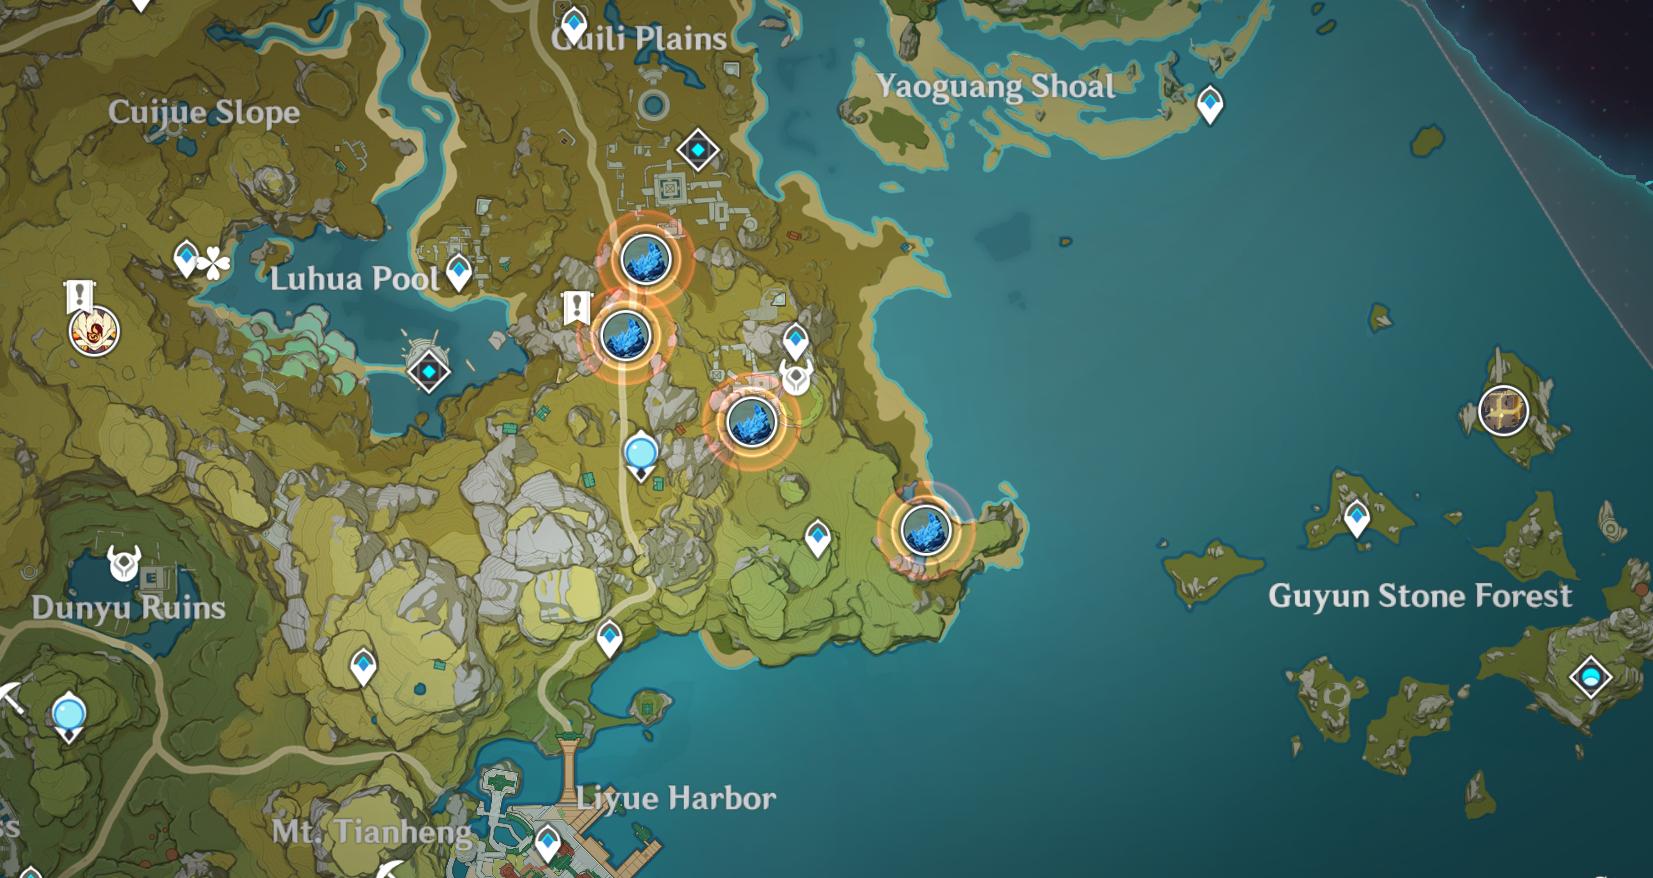 Toutes les zones de frappe de météorite dans Genshin Impact: Star of Deceitful Dreams - Zone 3